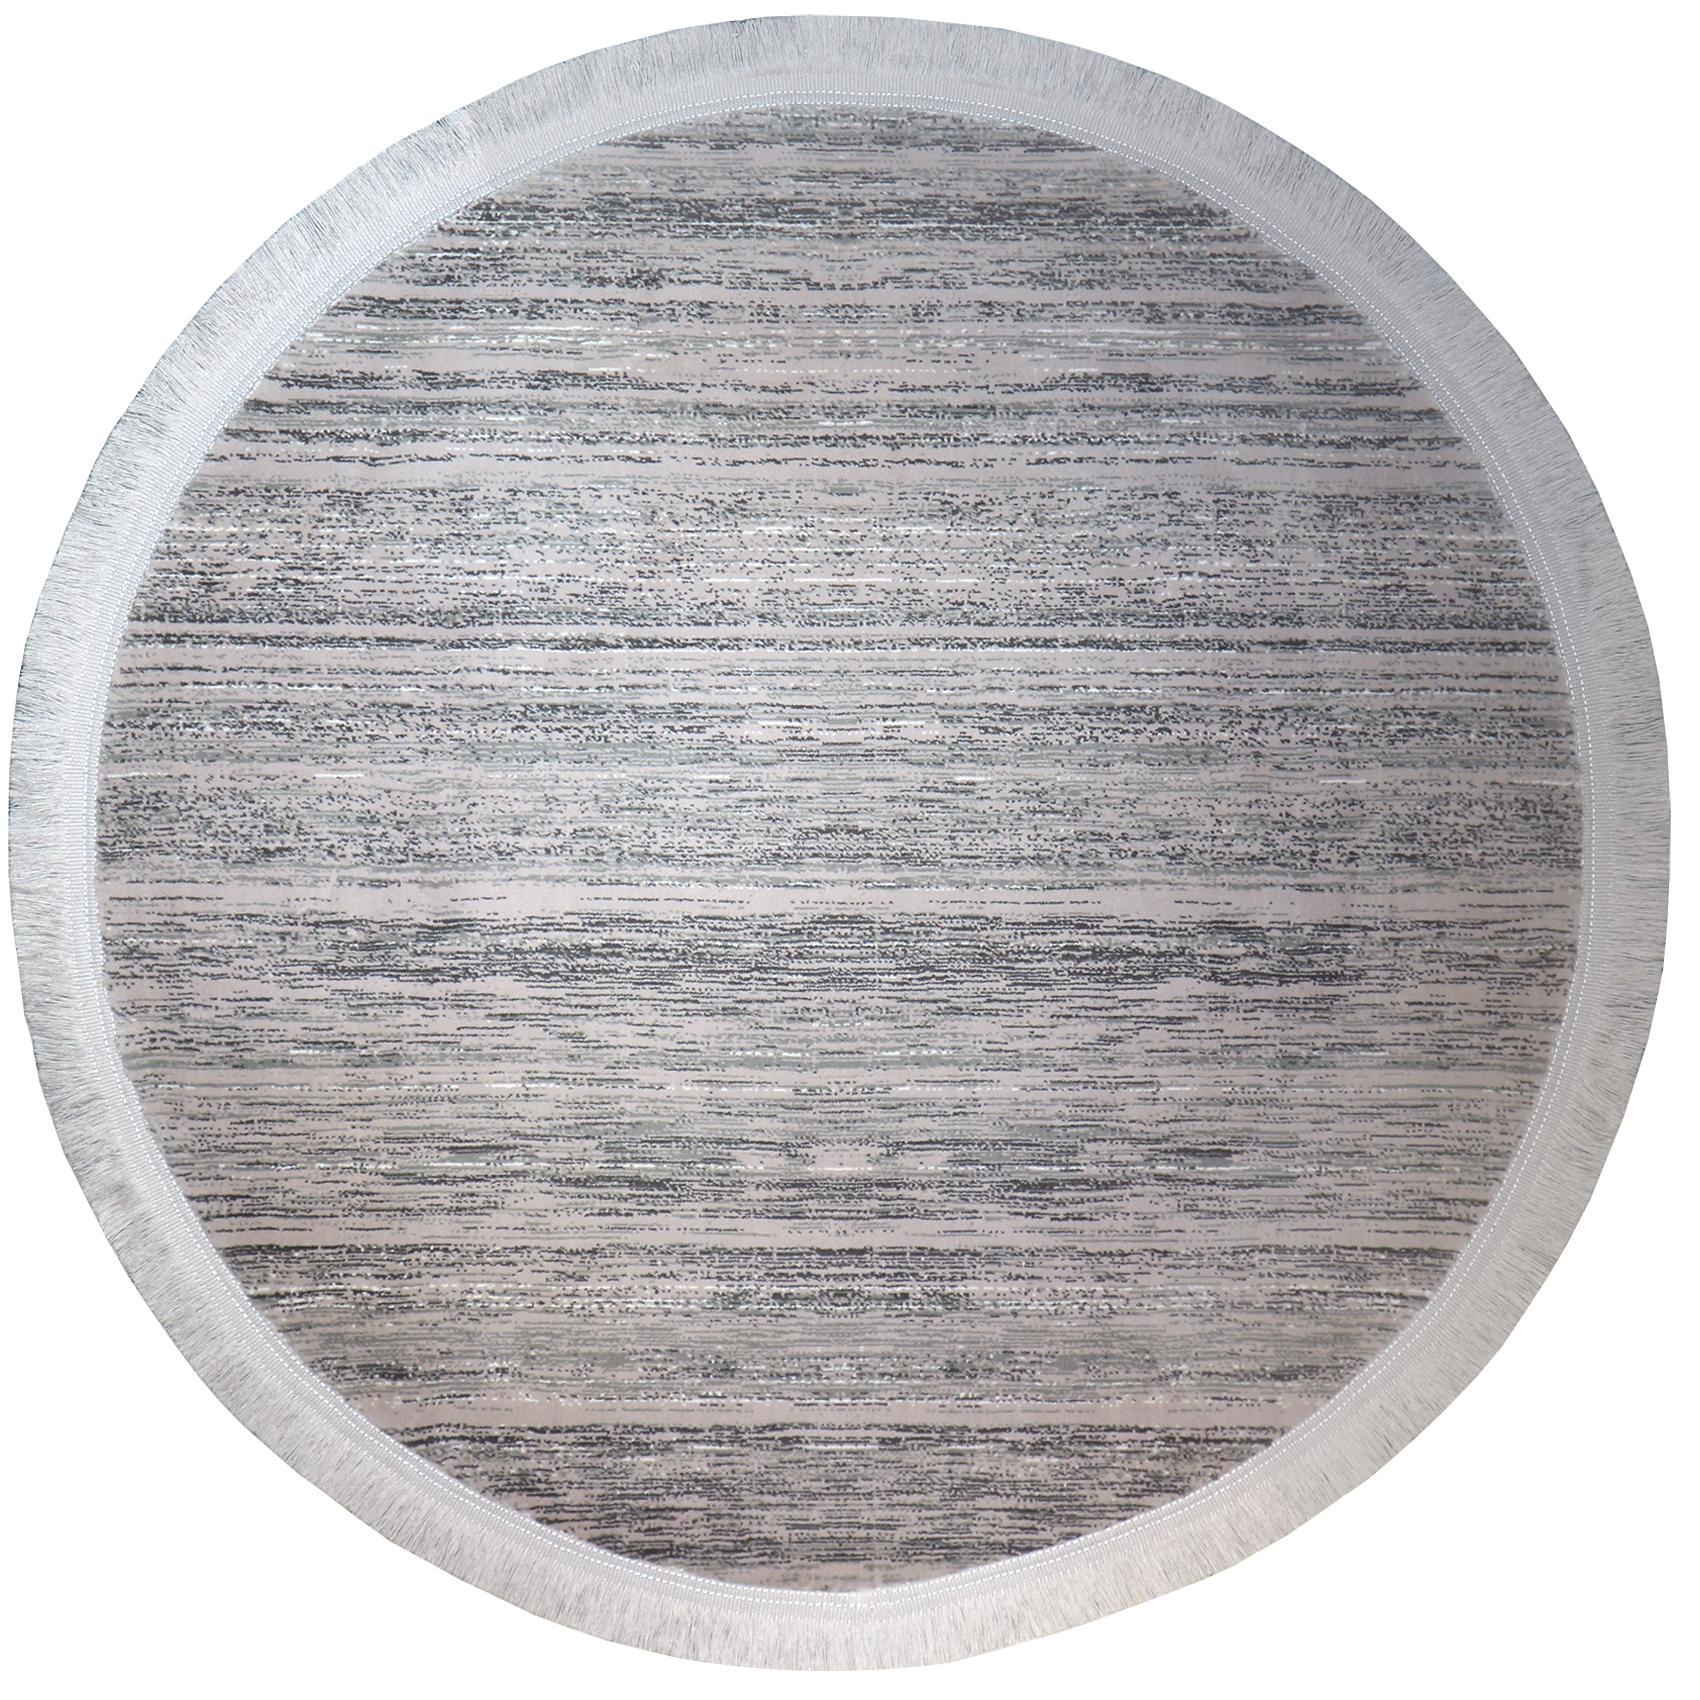 فرش ماشینی رادین اصفهان طرح گرد  گبه  14 رنگ زمینه طوسی